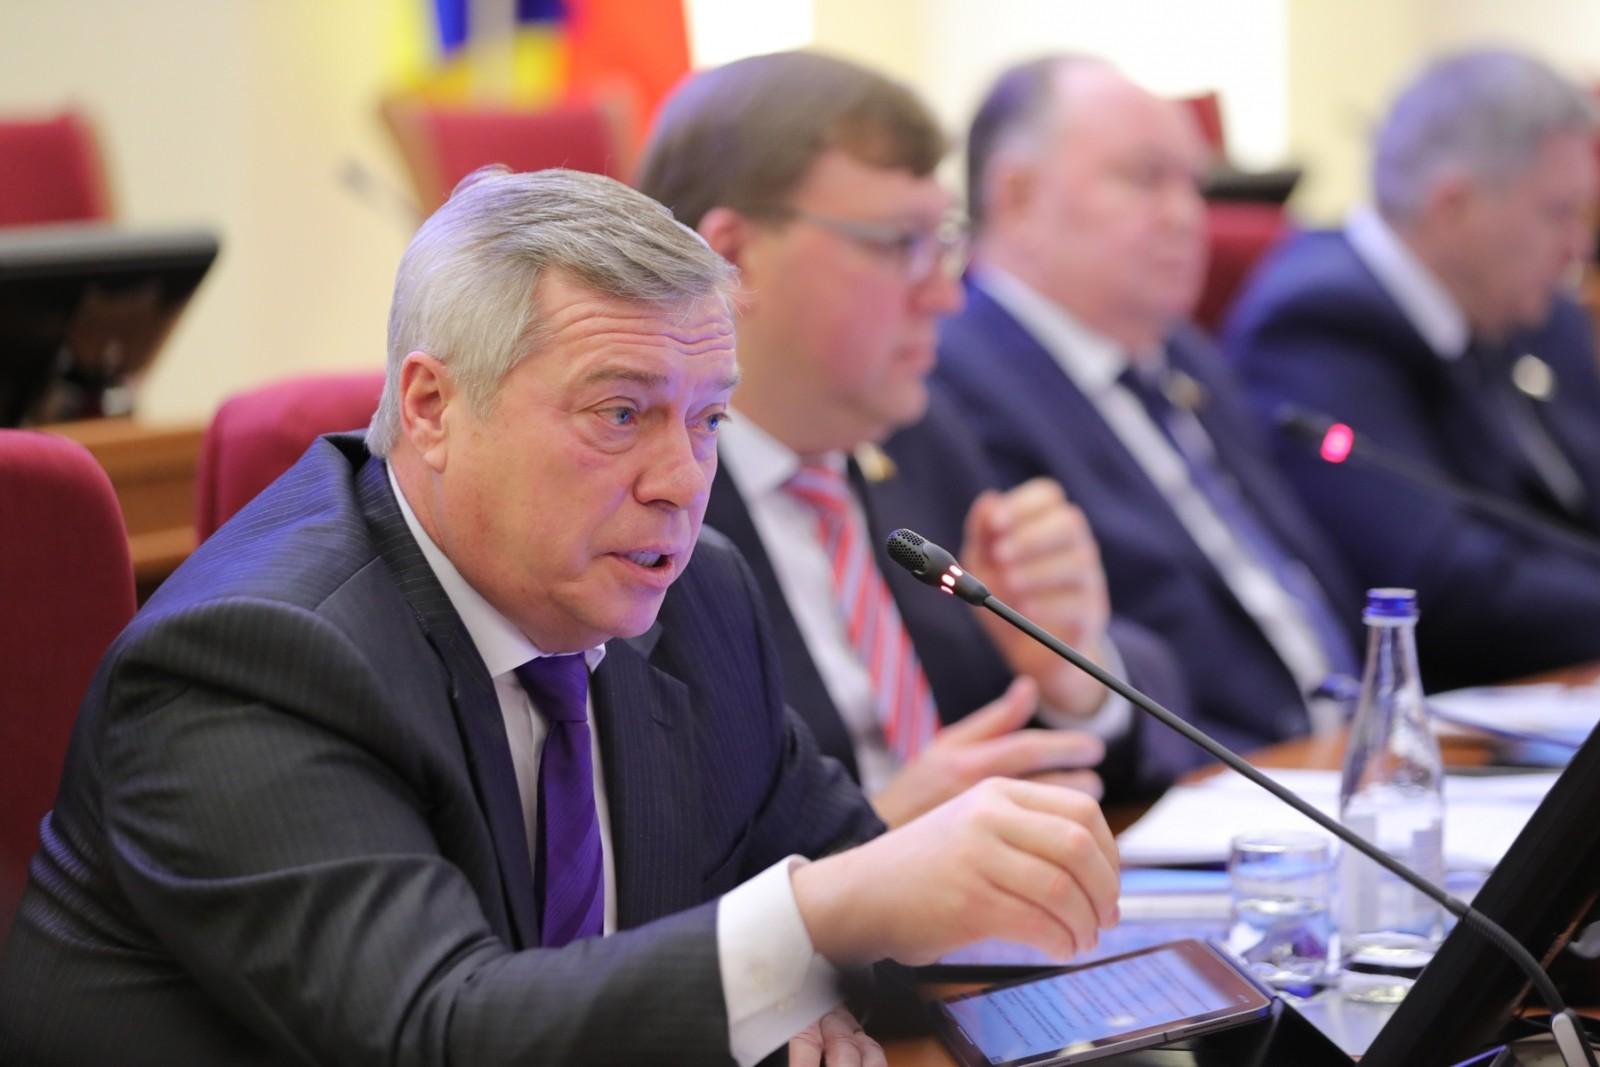 Василий Голубев: «Принятый бюджет области позволяет расходовать дополнительные средства на инвестиционное развитие»